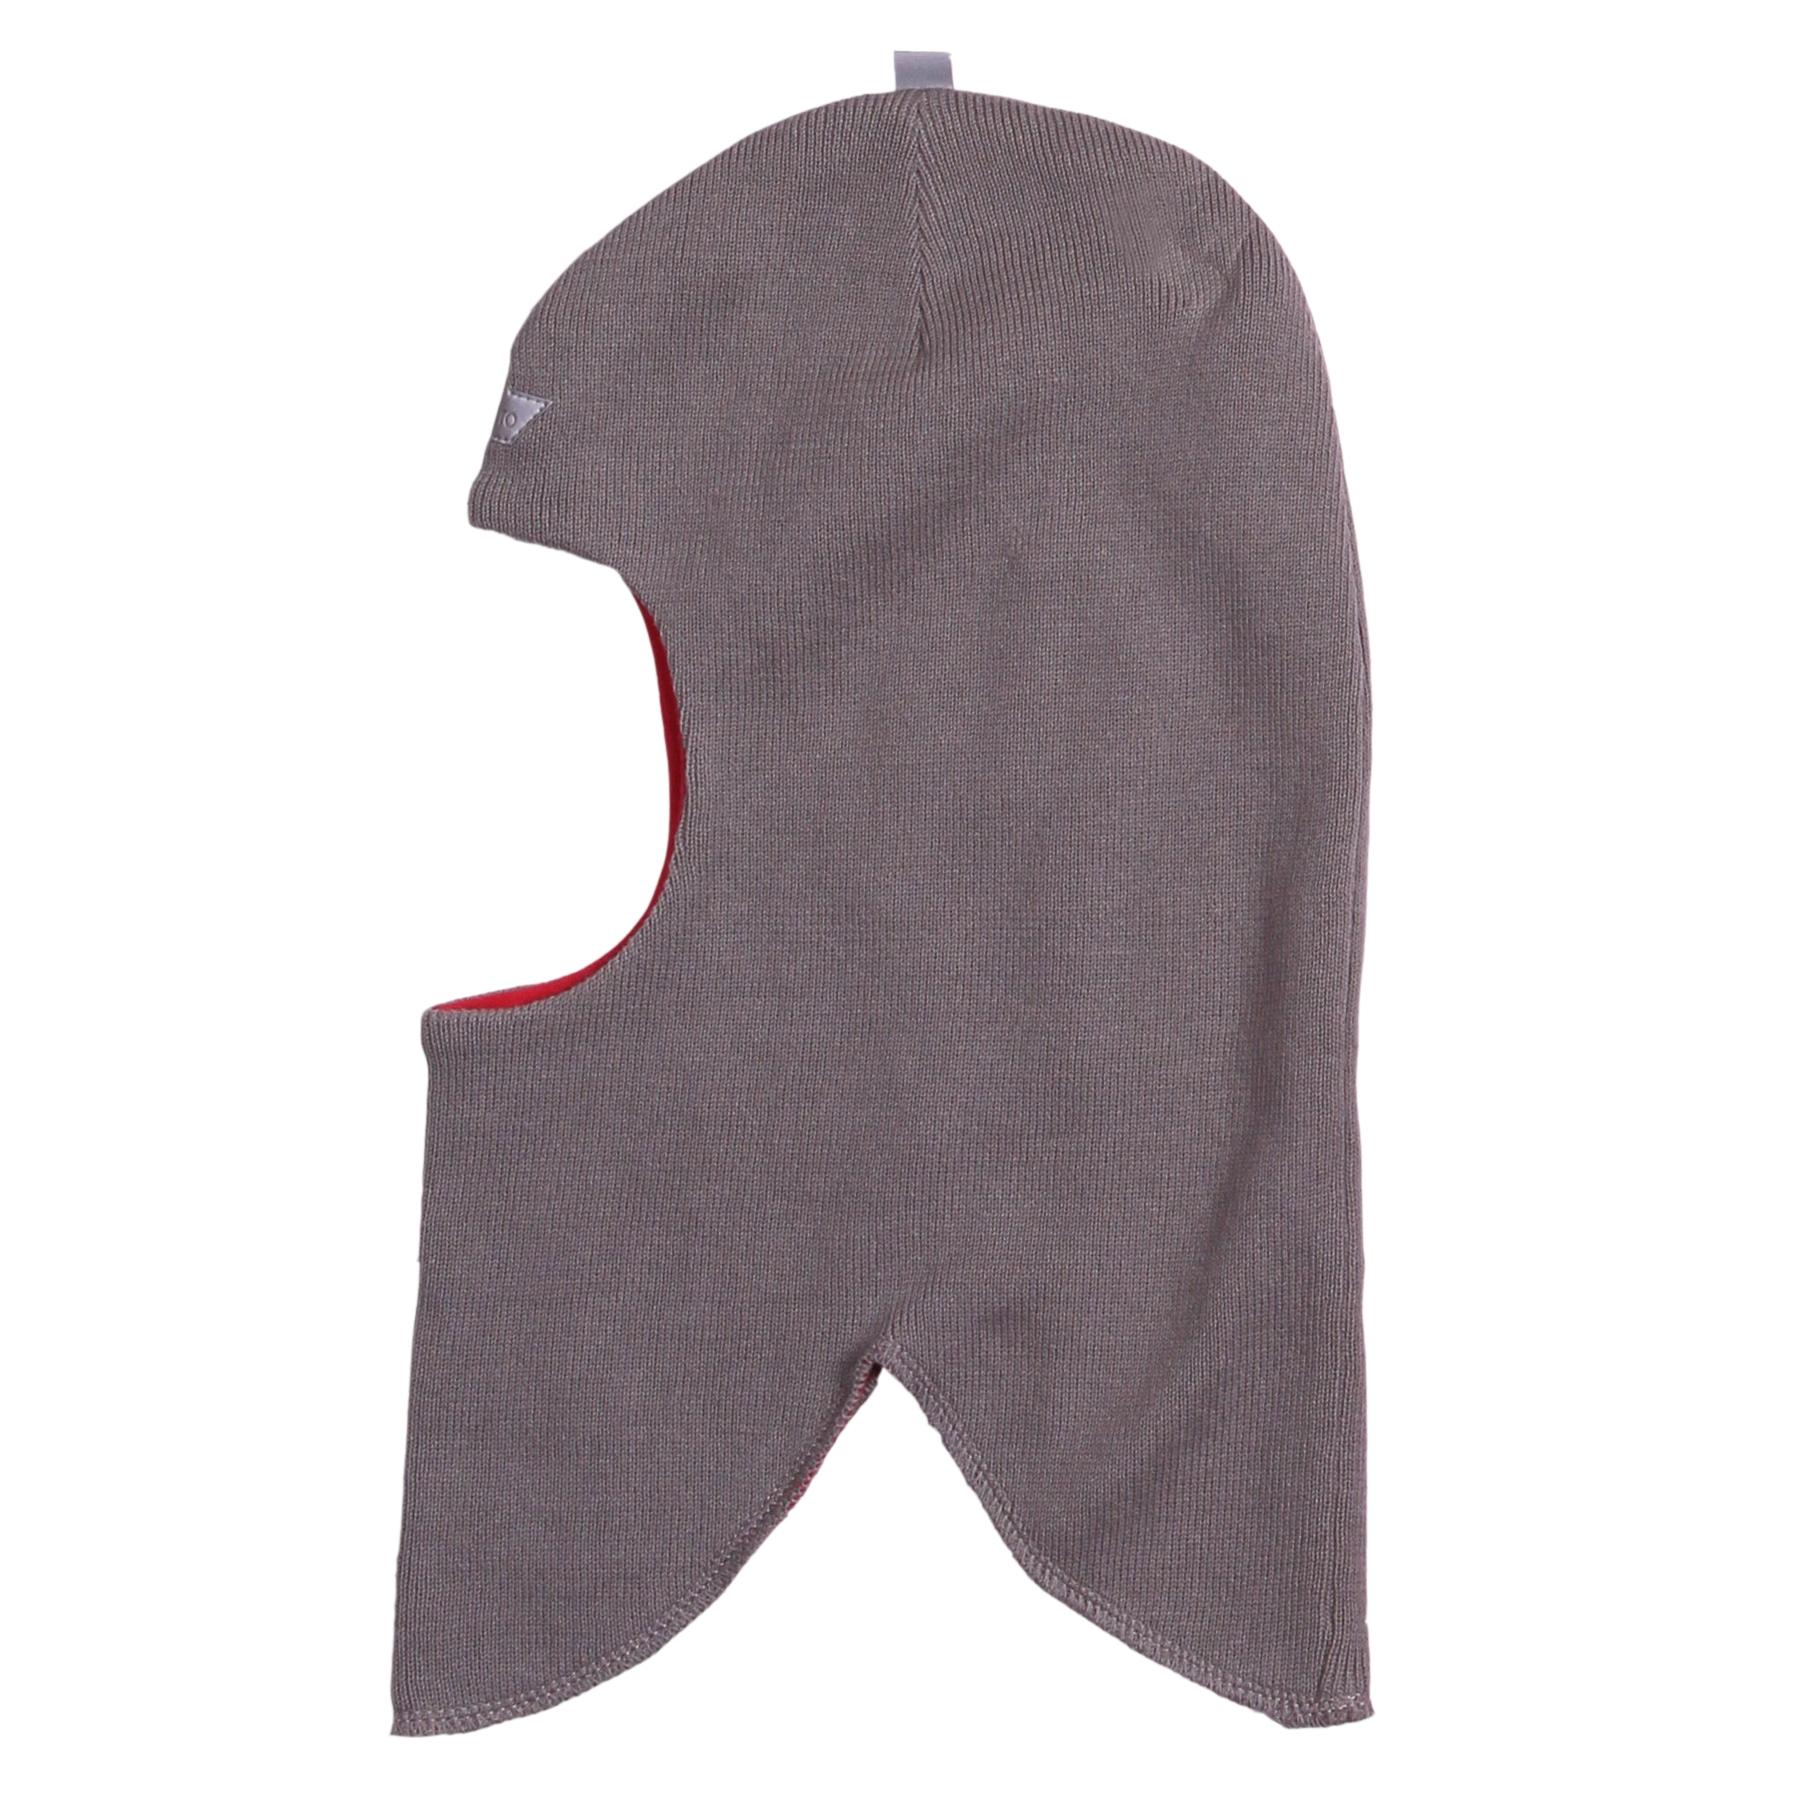 Головные уборы BARQUITO Шапка Barquito серый двойной респиратор gas mask anti dust твин химическая спрей краска безопасности головные уборы